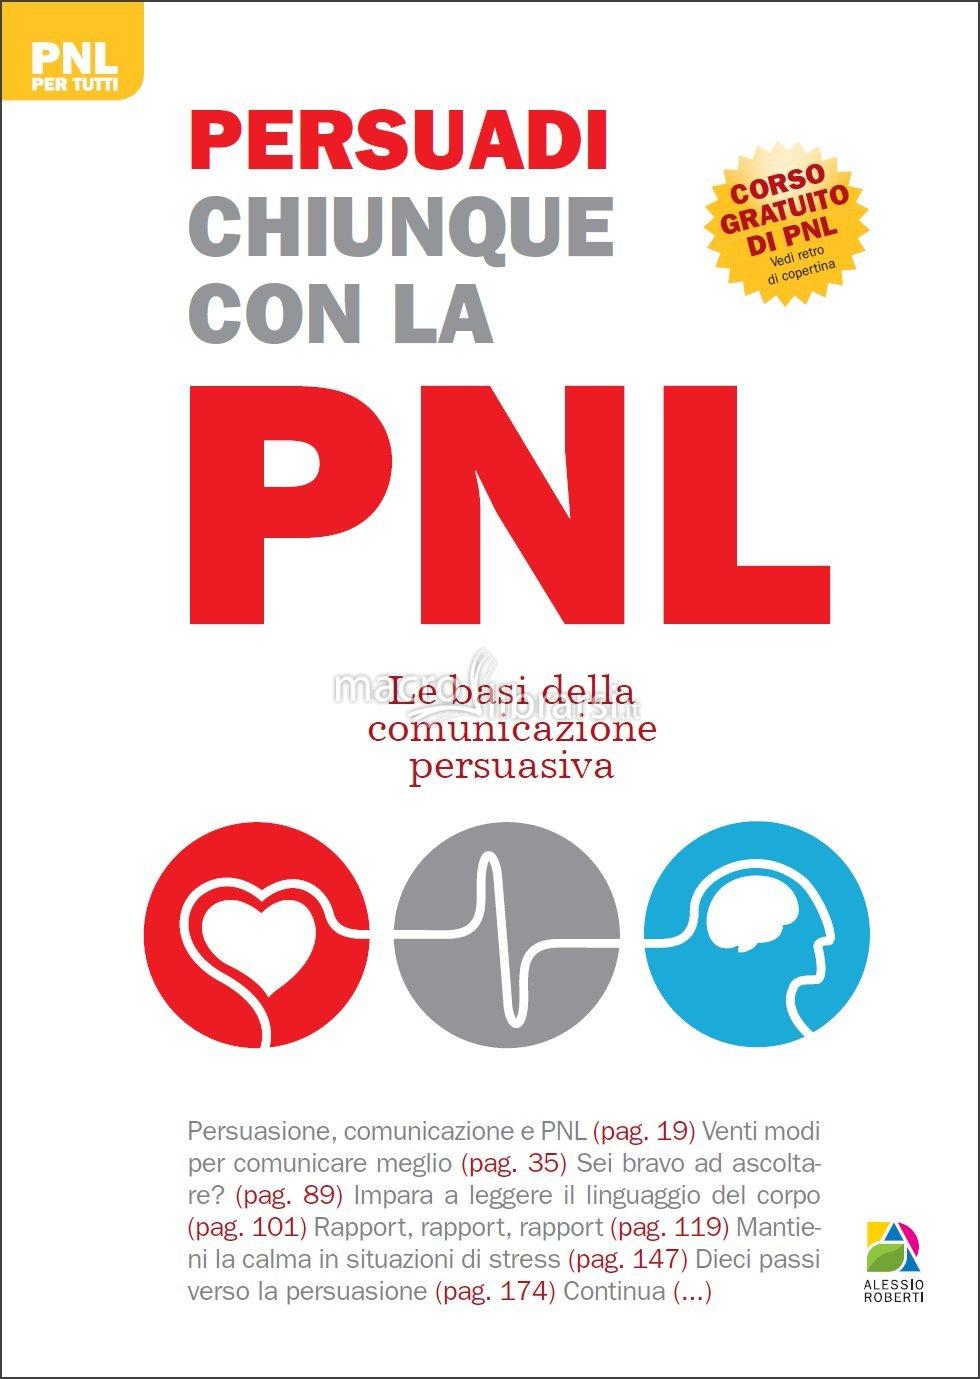 http://www.macrolibrarsi.it/data/cop/zoom/p/persuadi-chiunque-con-la-pnl-libro-63848-1.jpg